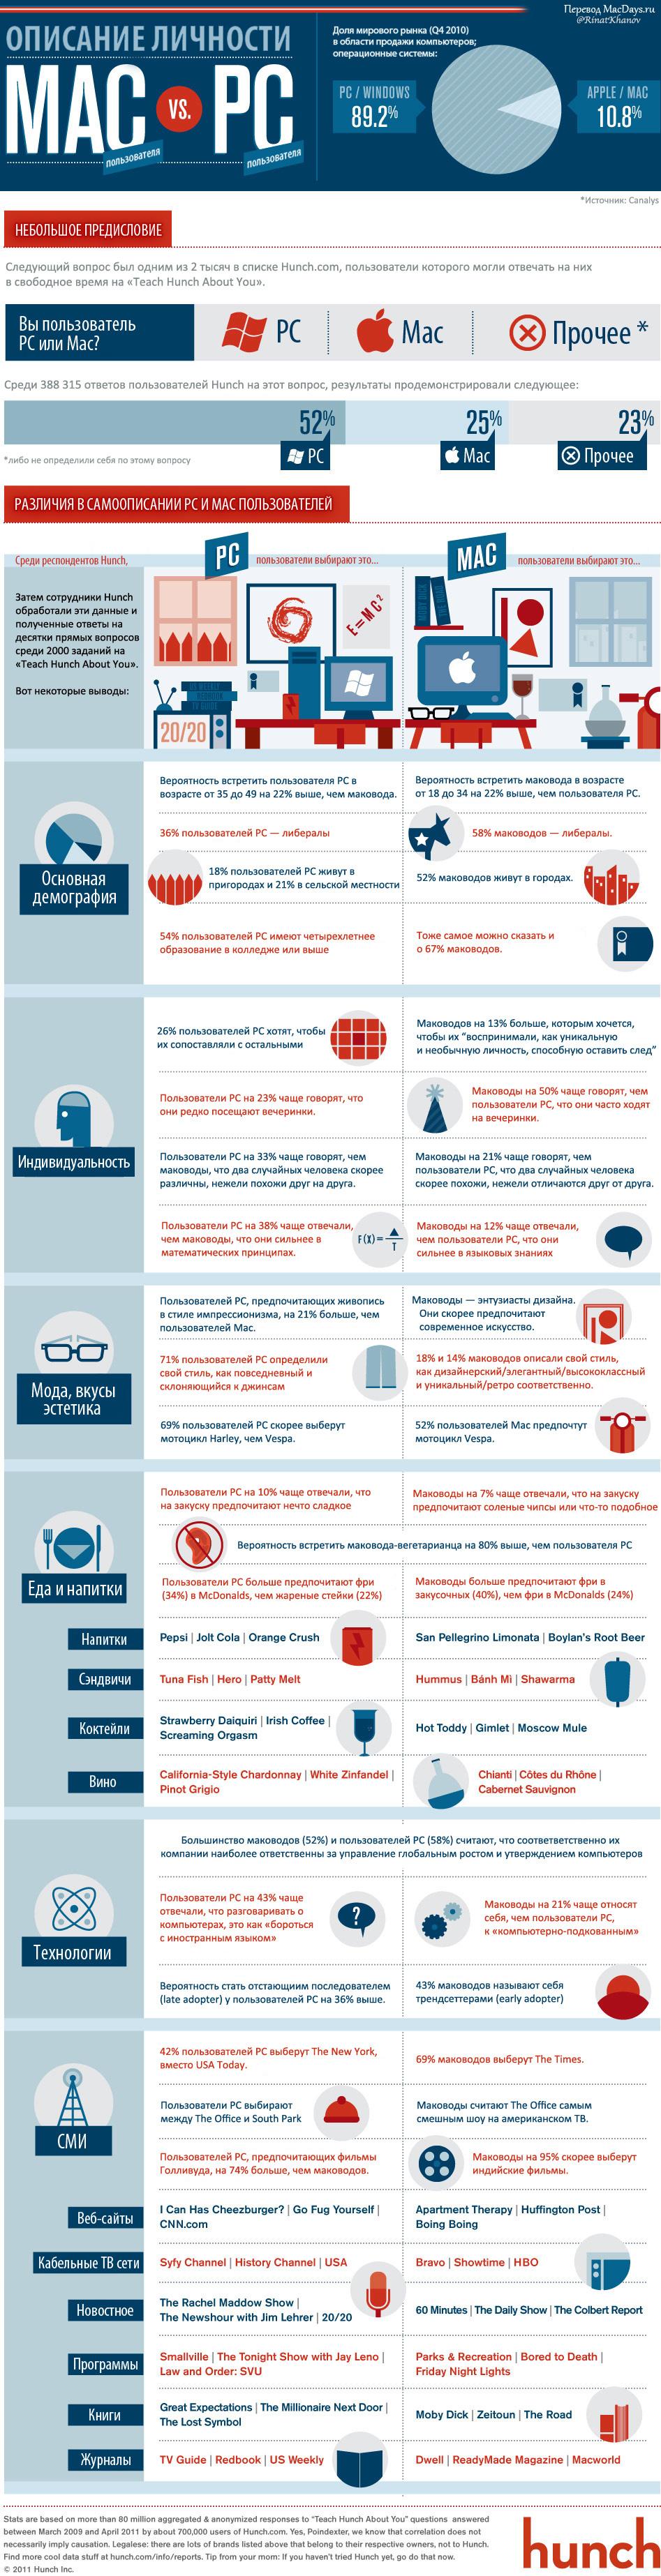 Инфографика: чем отличаются пользователи РС от маководов?